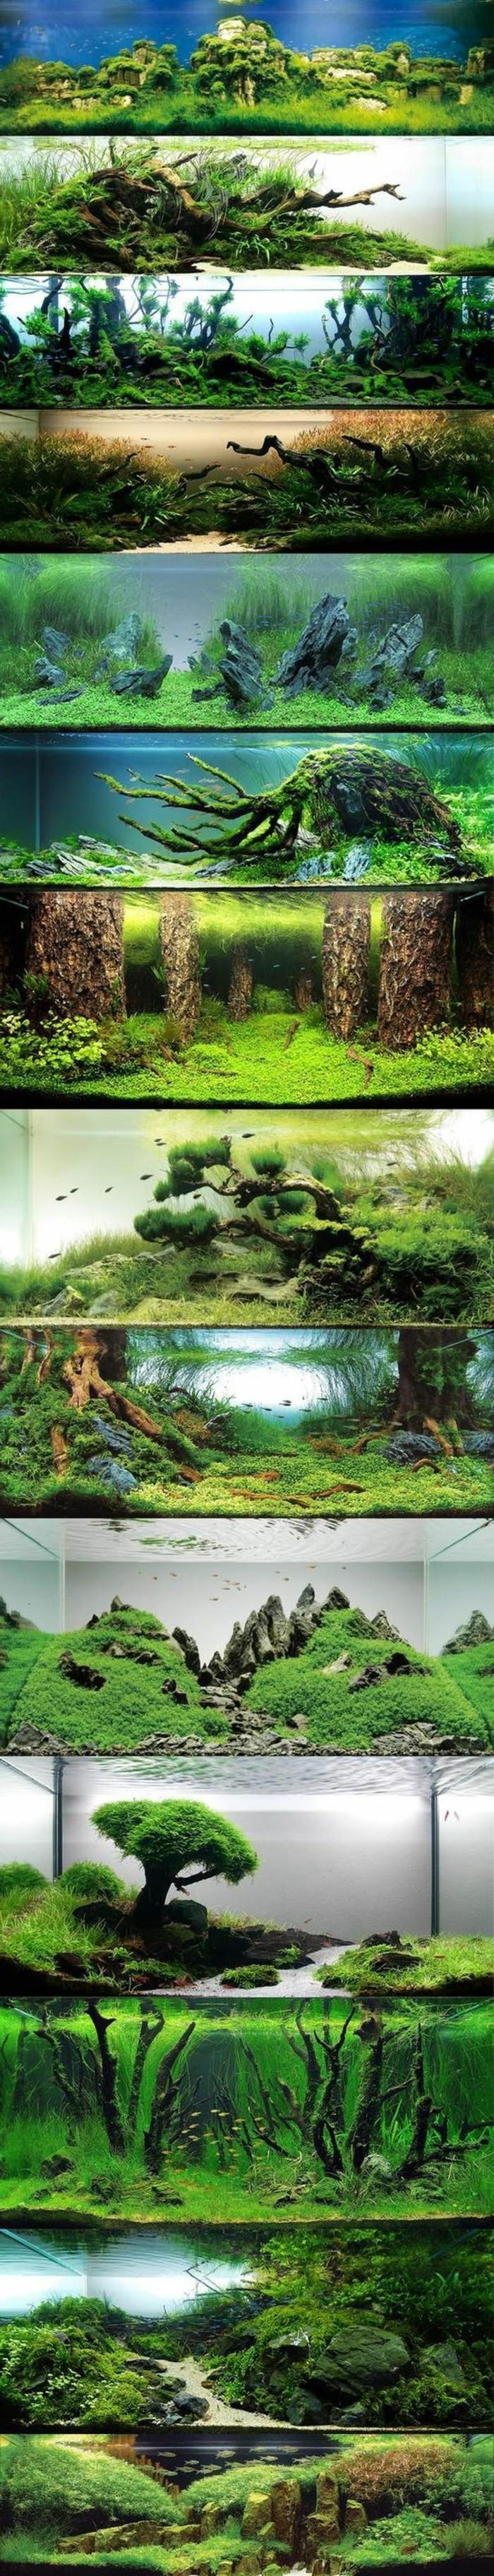 die-besten-einrichtungsideen-fur-aquarium-aquarium-deko-aquarium-einrichten